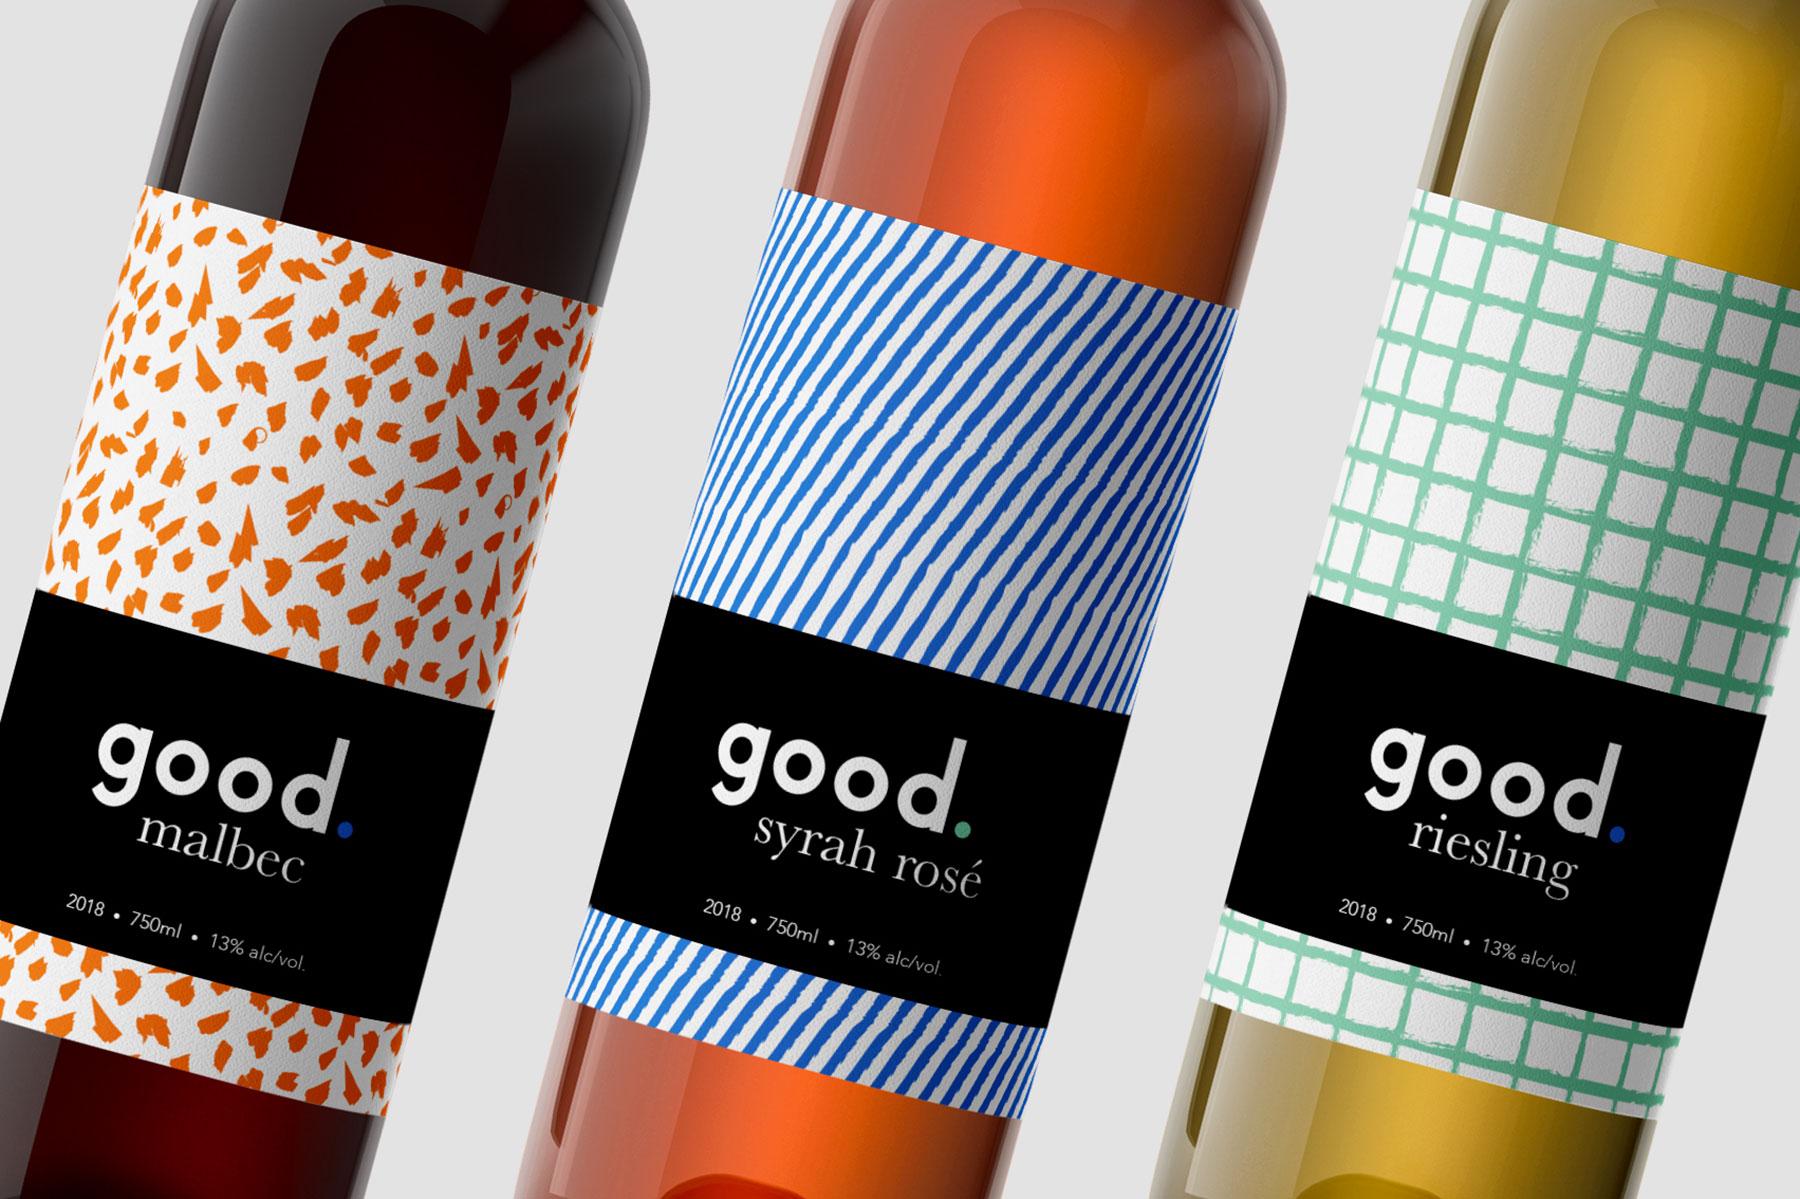 color_3_bottles.jpg